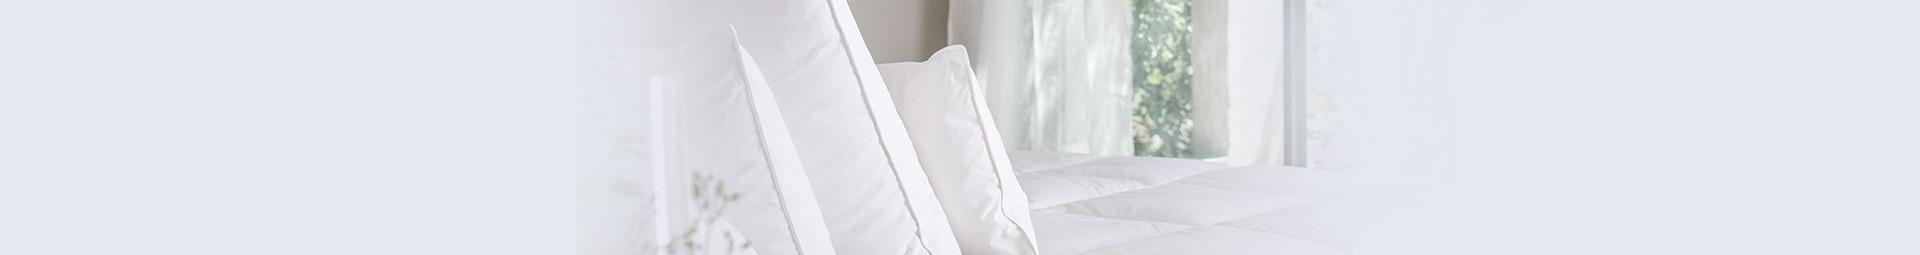 Oreiller ferme en plumettes et duvet naturel Français, oreiller ferme pour dormeur sur le coté - Pyrenex